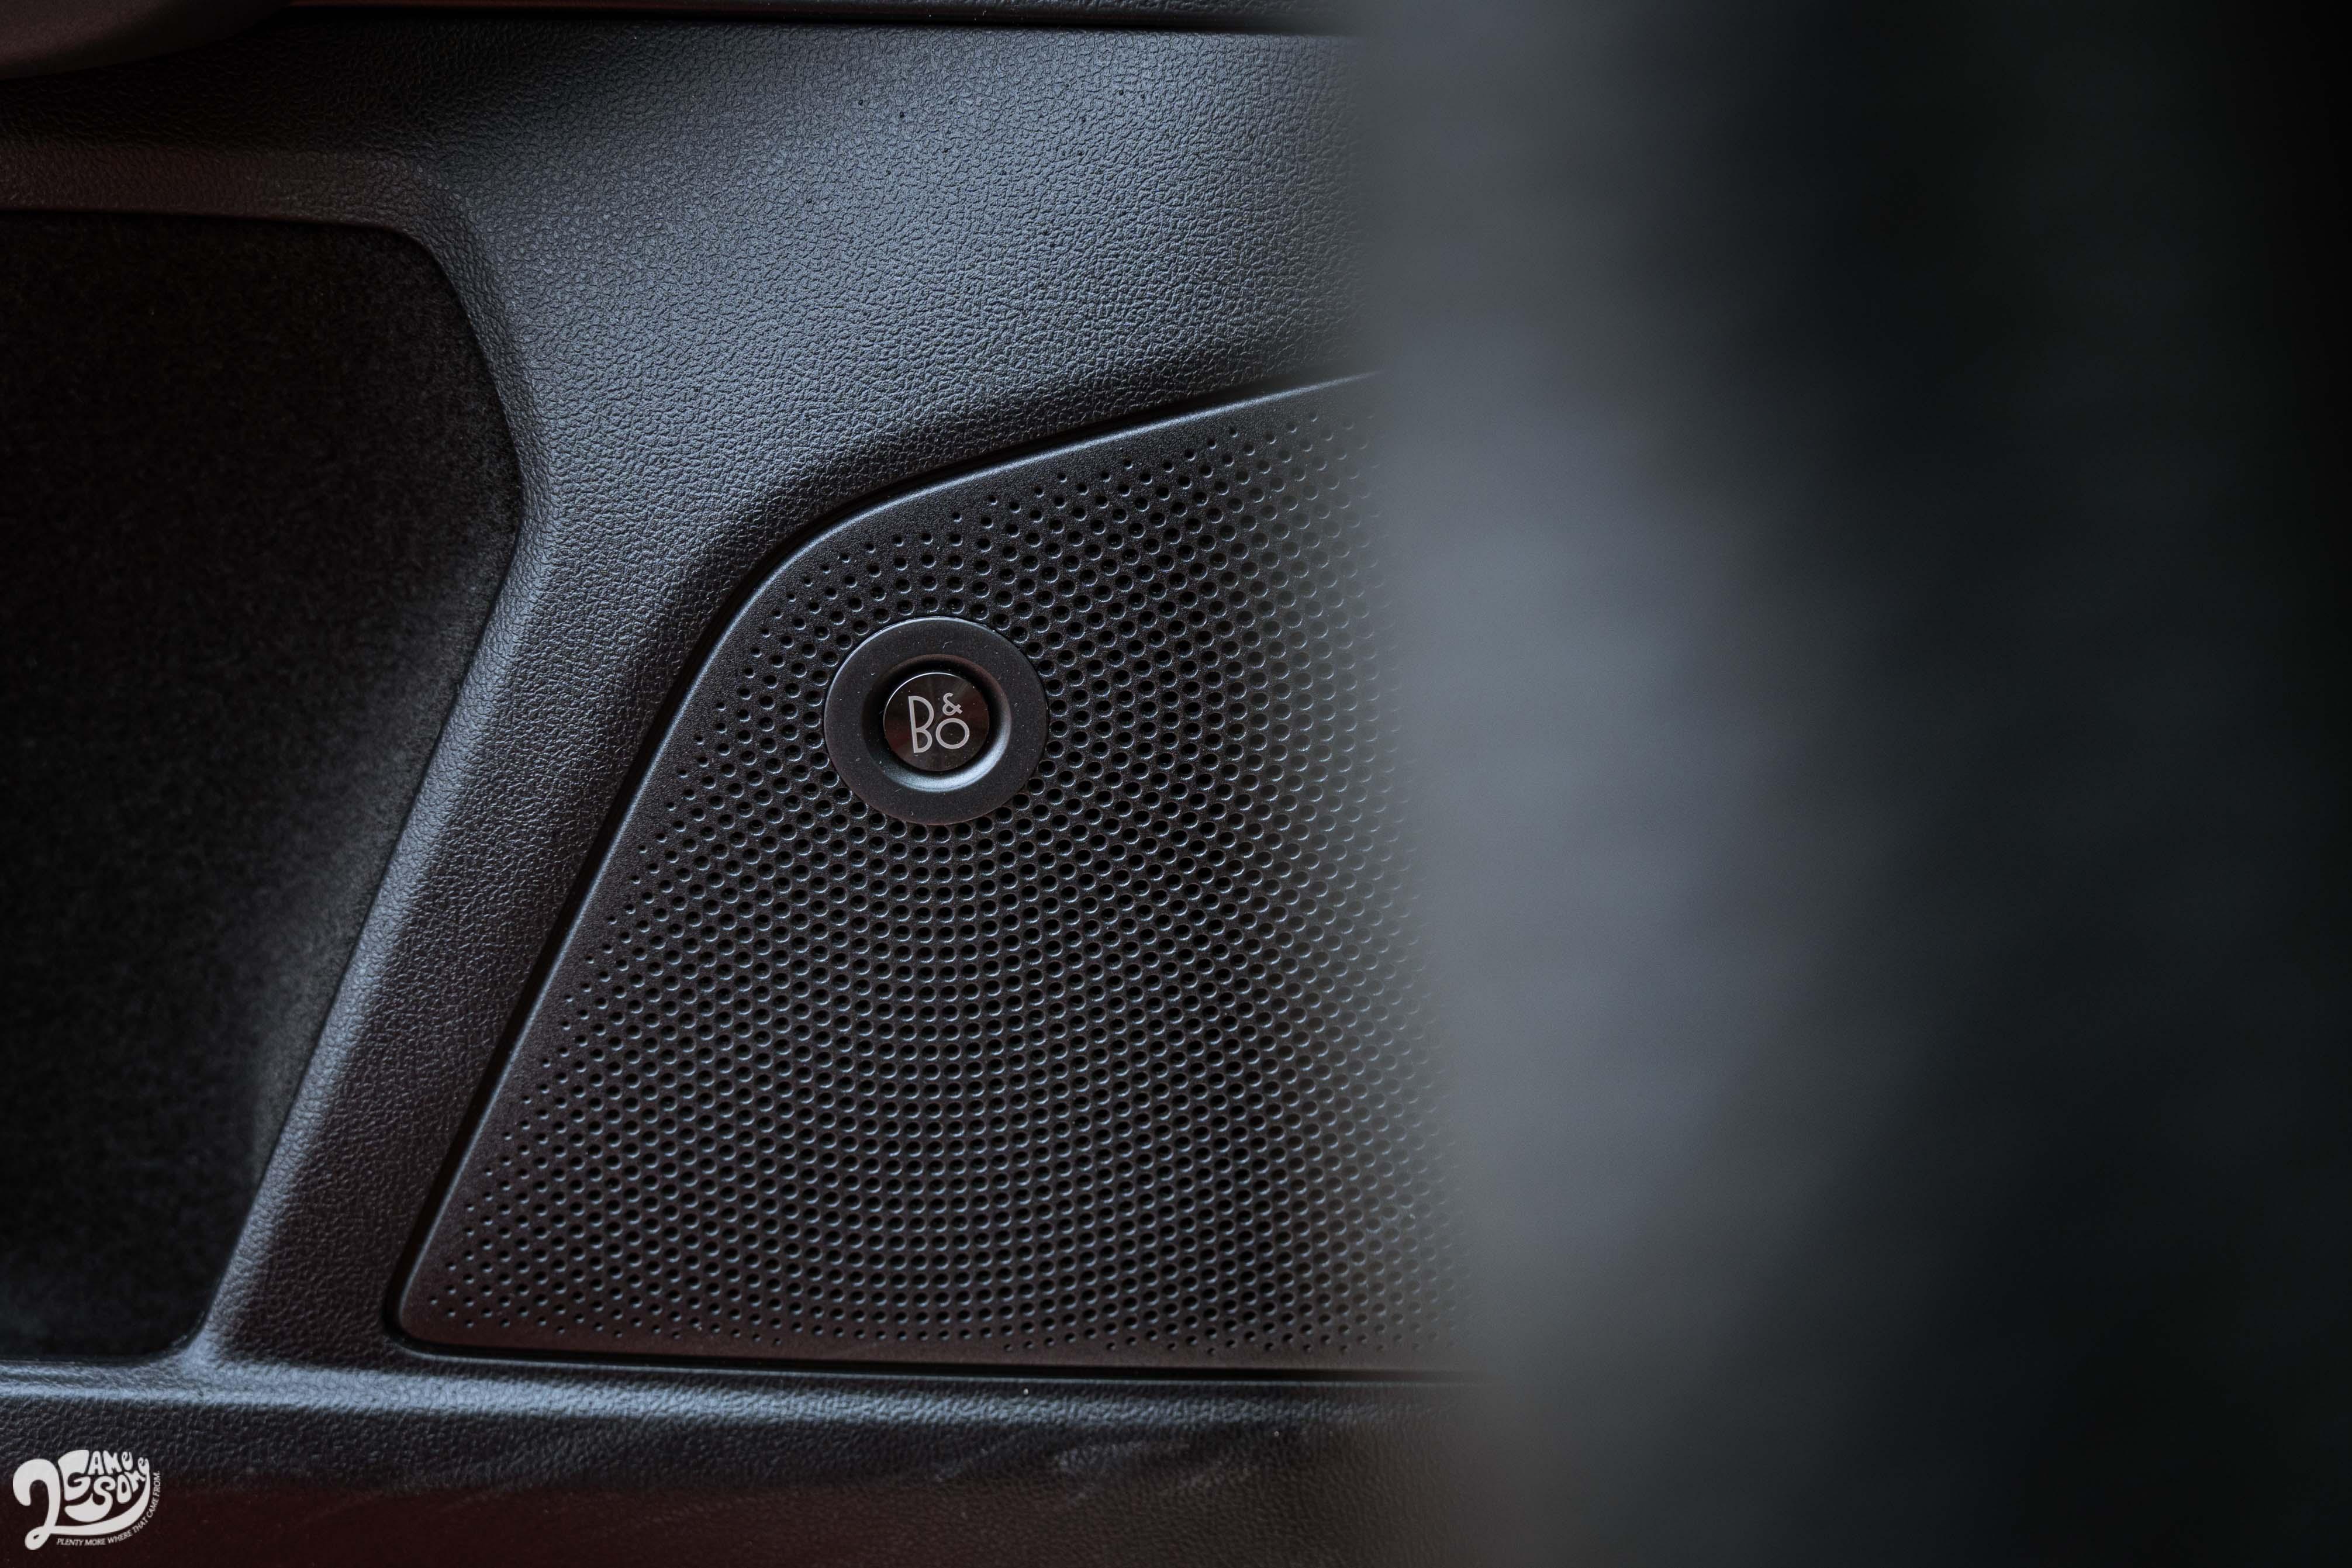 標配 B&O 重低音環艙音響系統。